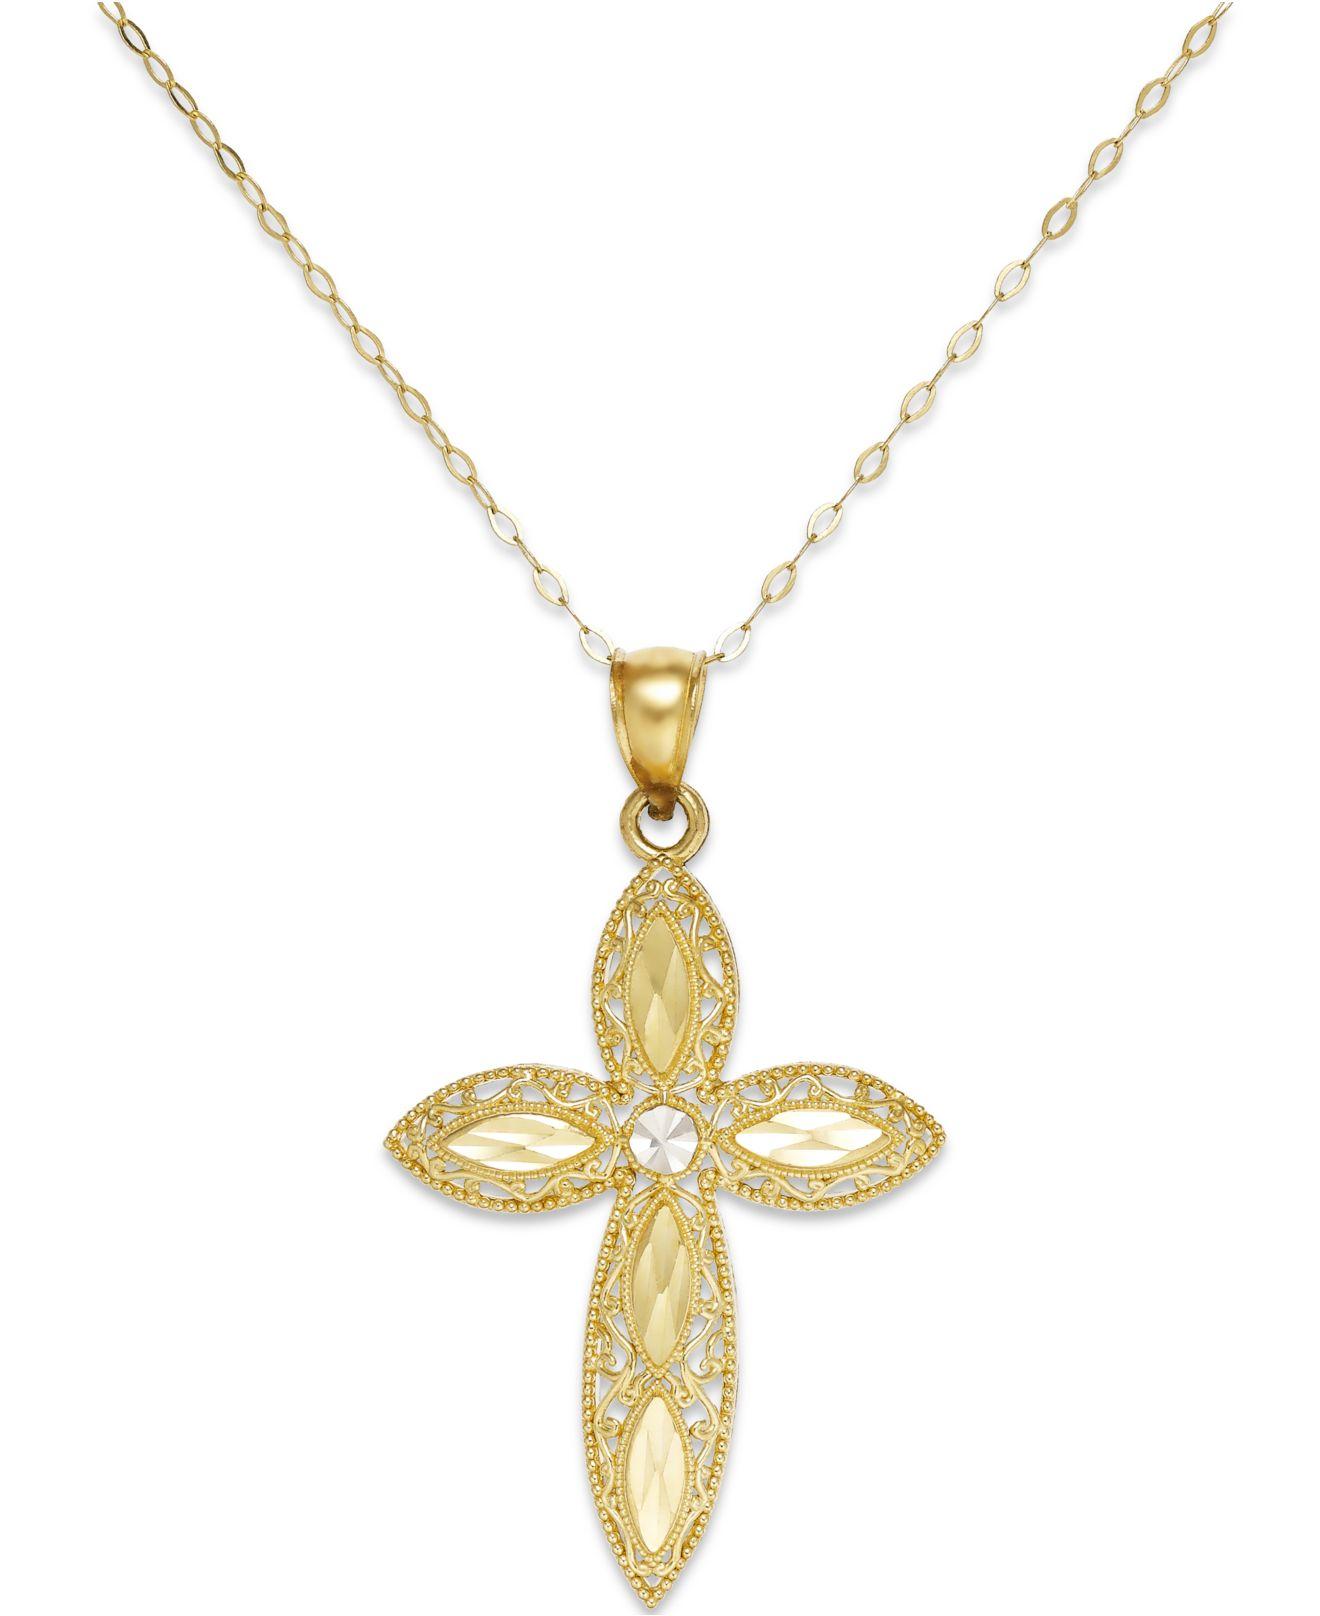 macy s filigree cross pendant necklace in 14k gold in gold